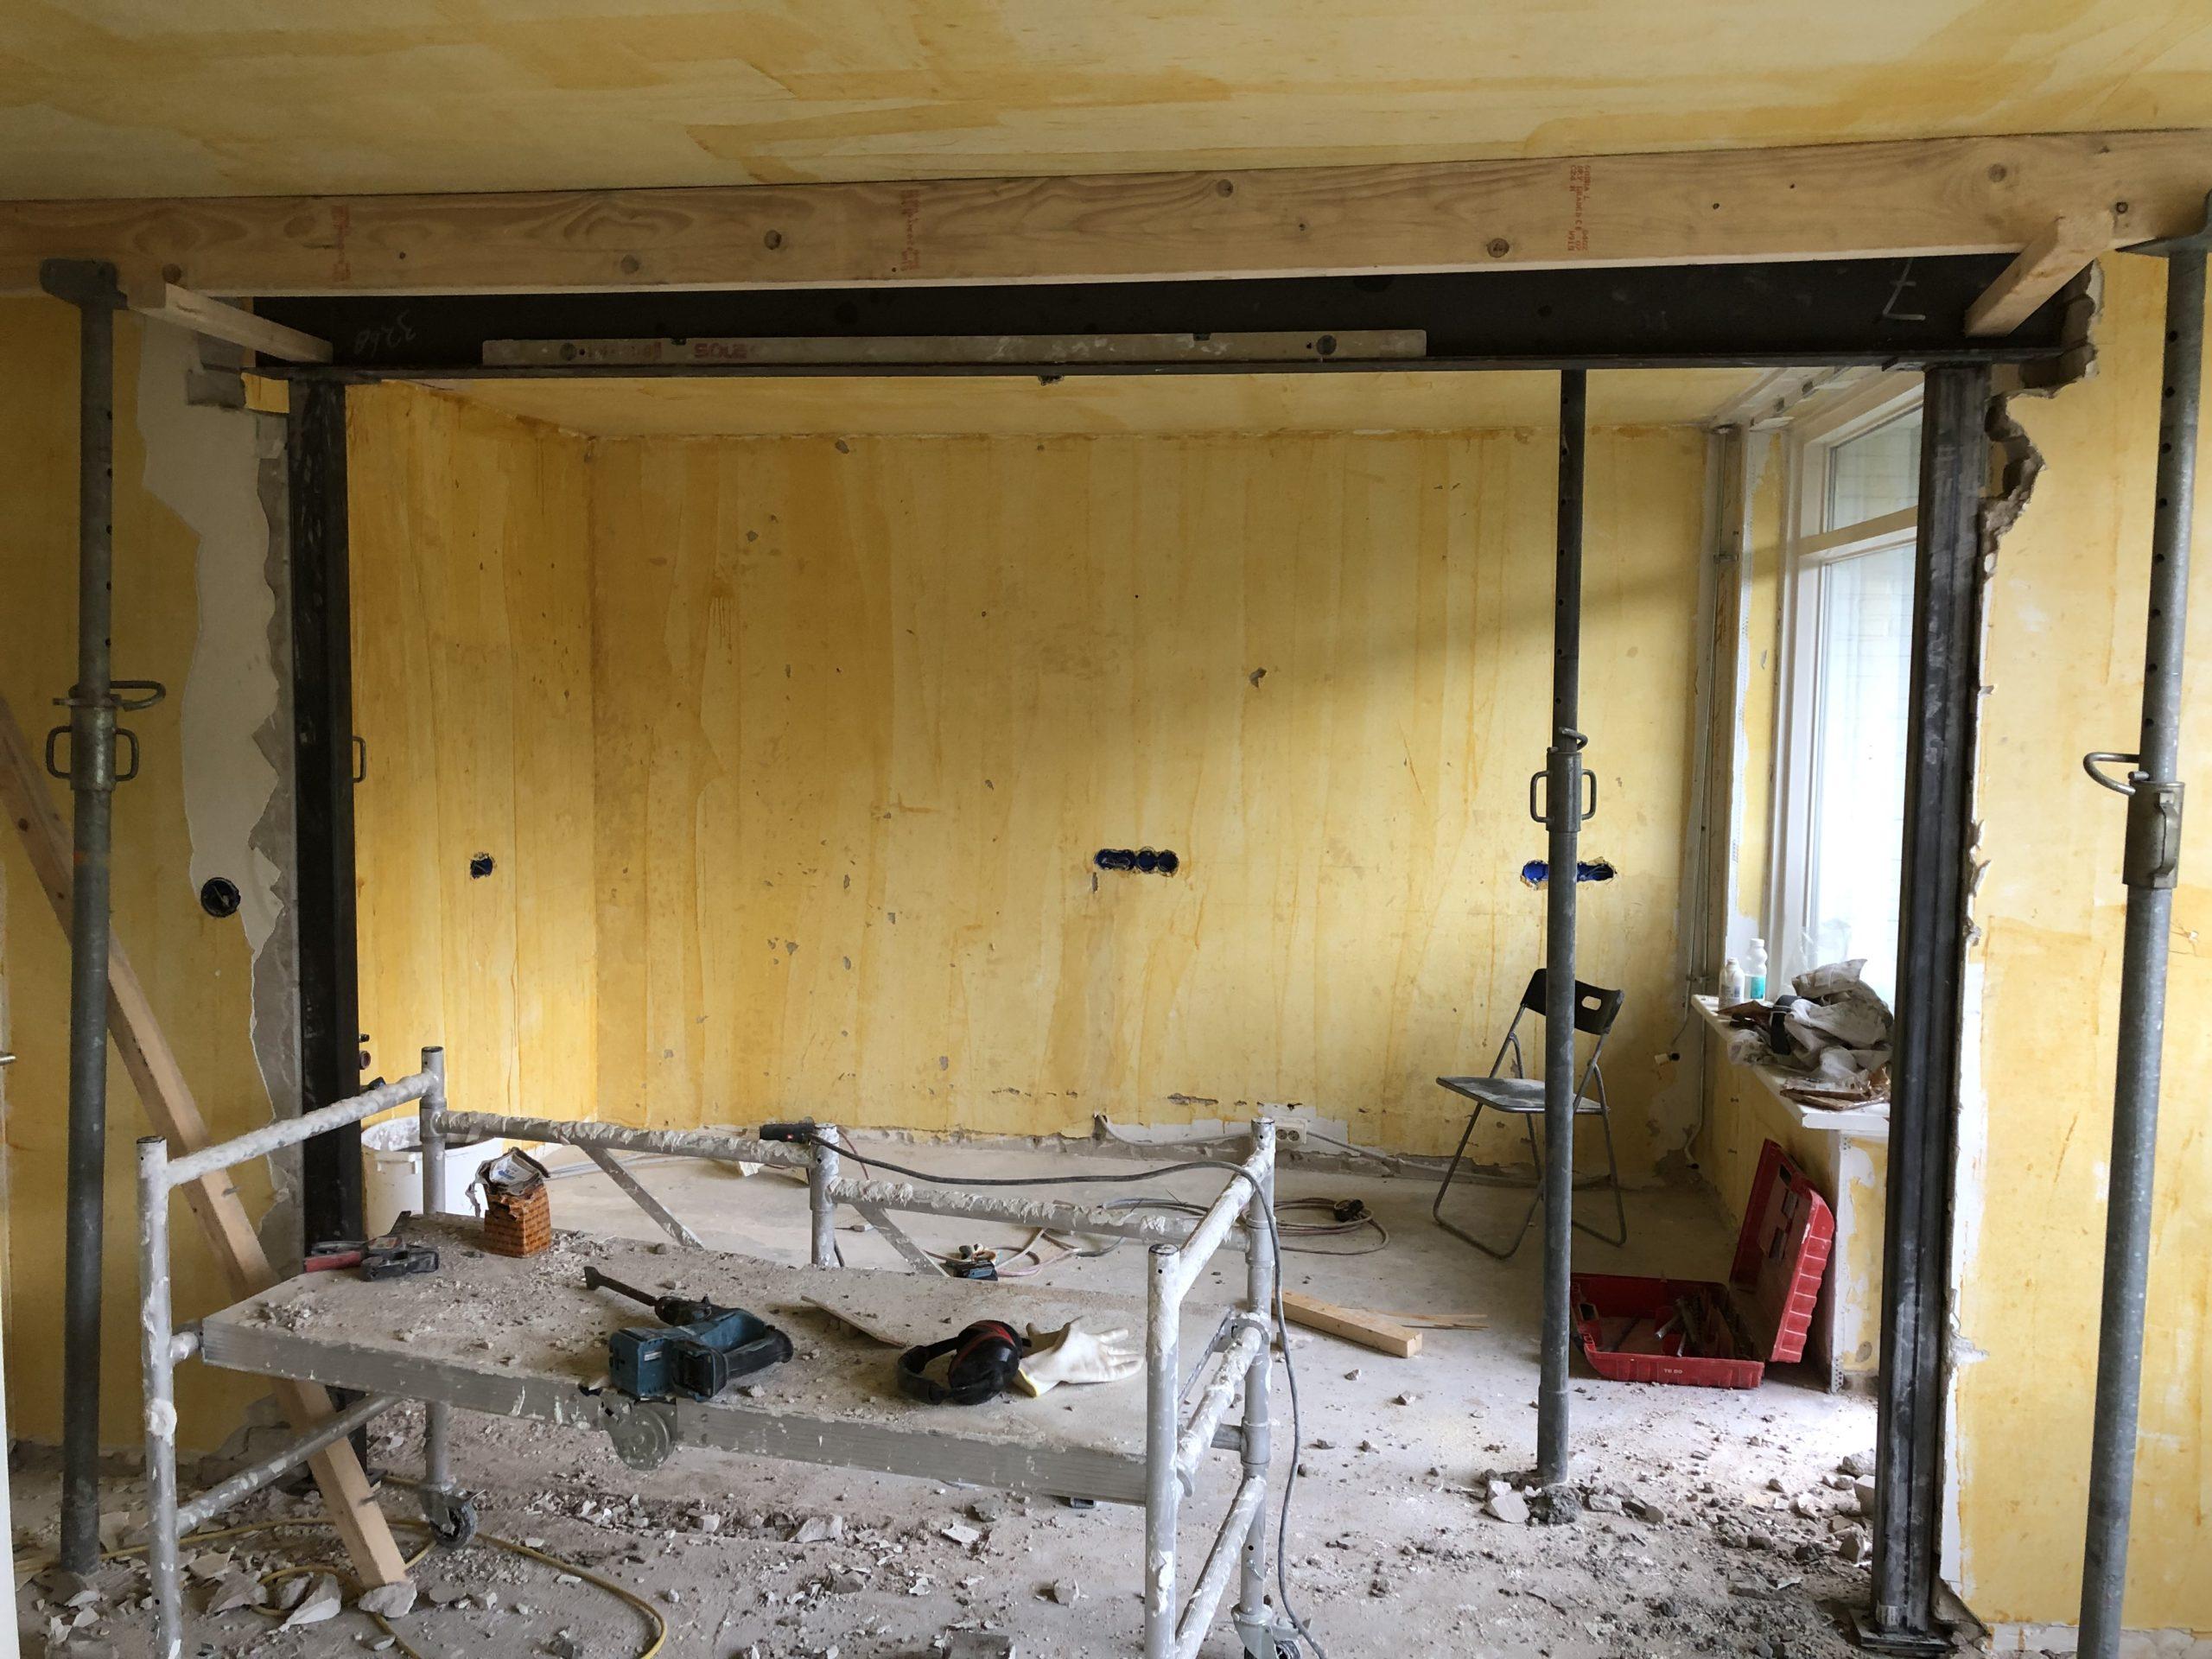 aannemersbedrijf-schildersbedrijf-stucadoorsbedrijf-loodgieter-verbouwing-verbouw-advies-renovatie, stucwerk-kelderafdichting